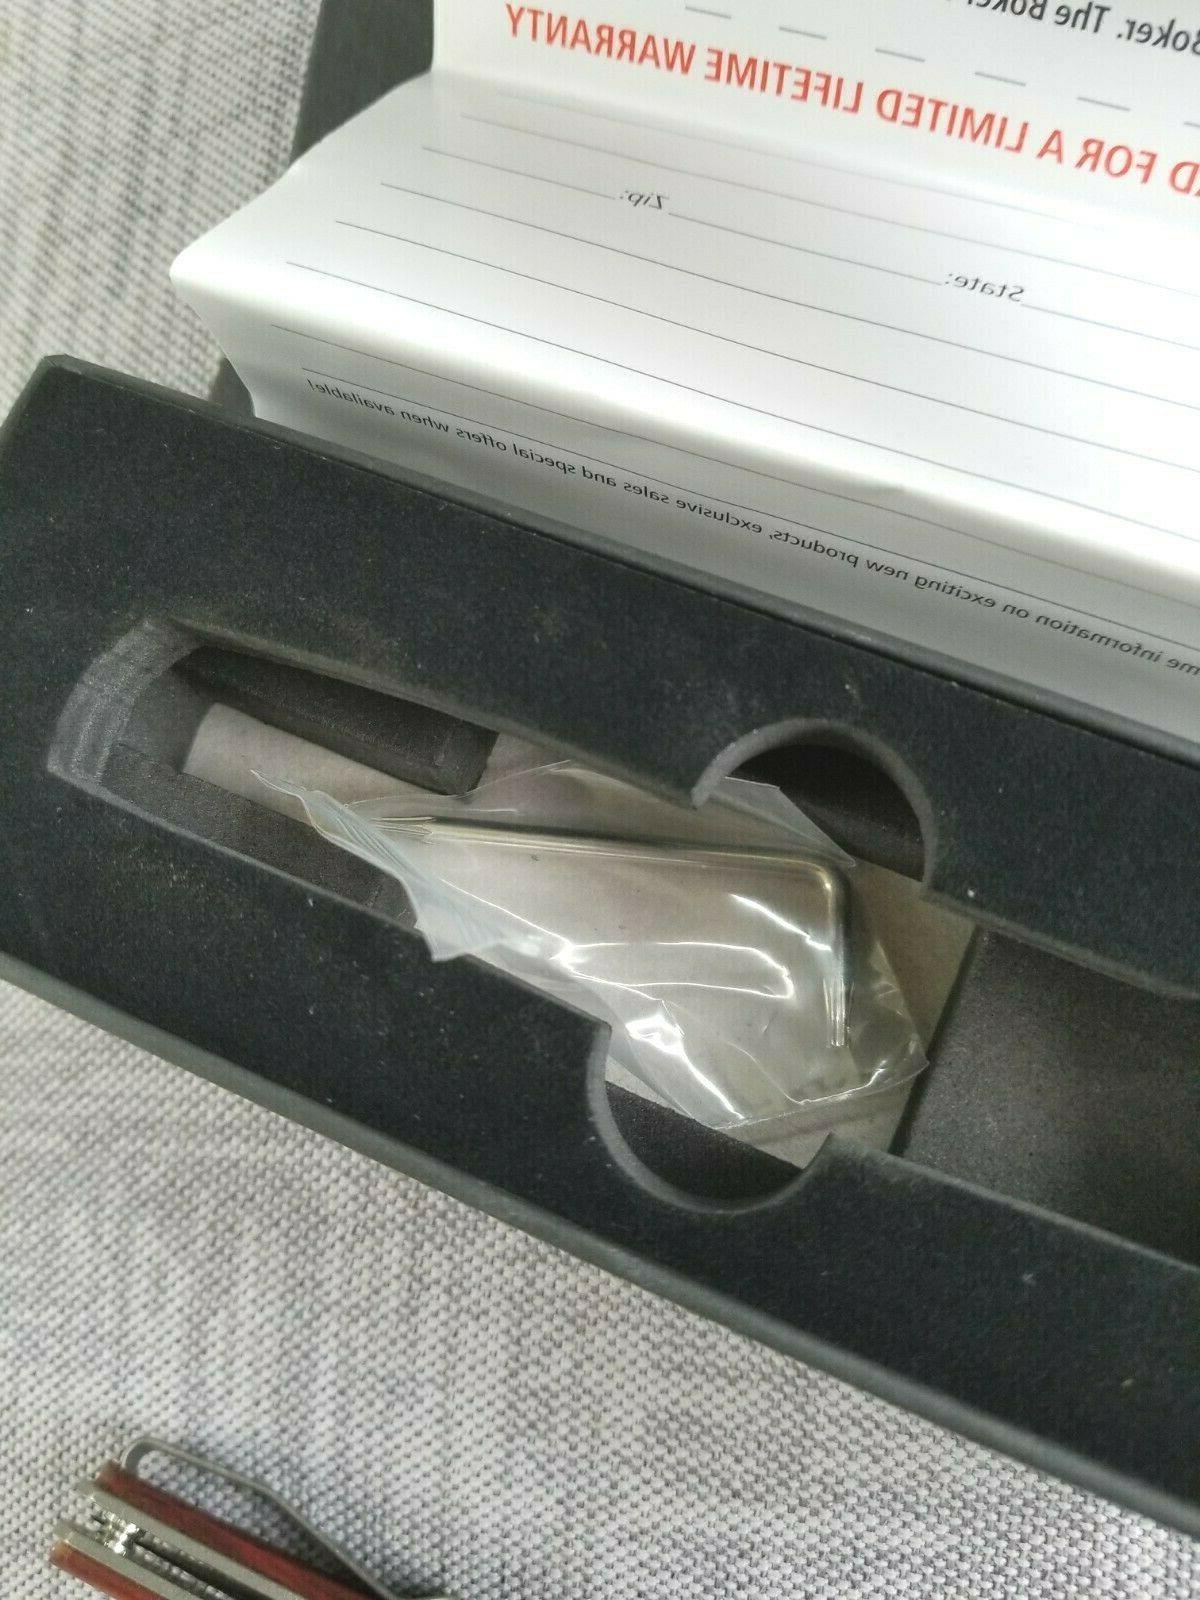 Boker Plus Linerlock Scales Flipper VG-10 Knife 01BO734